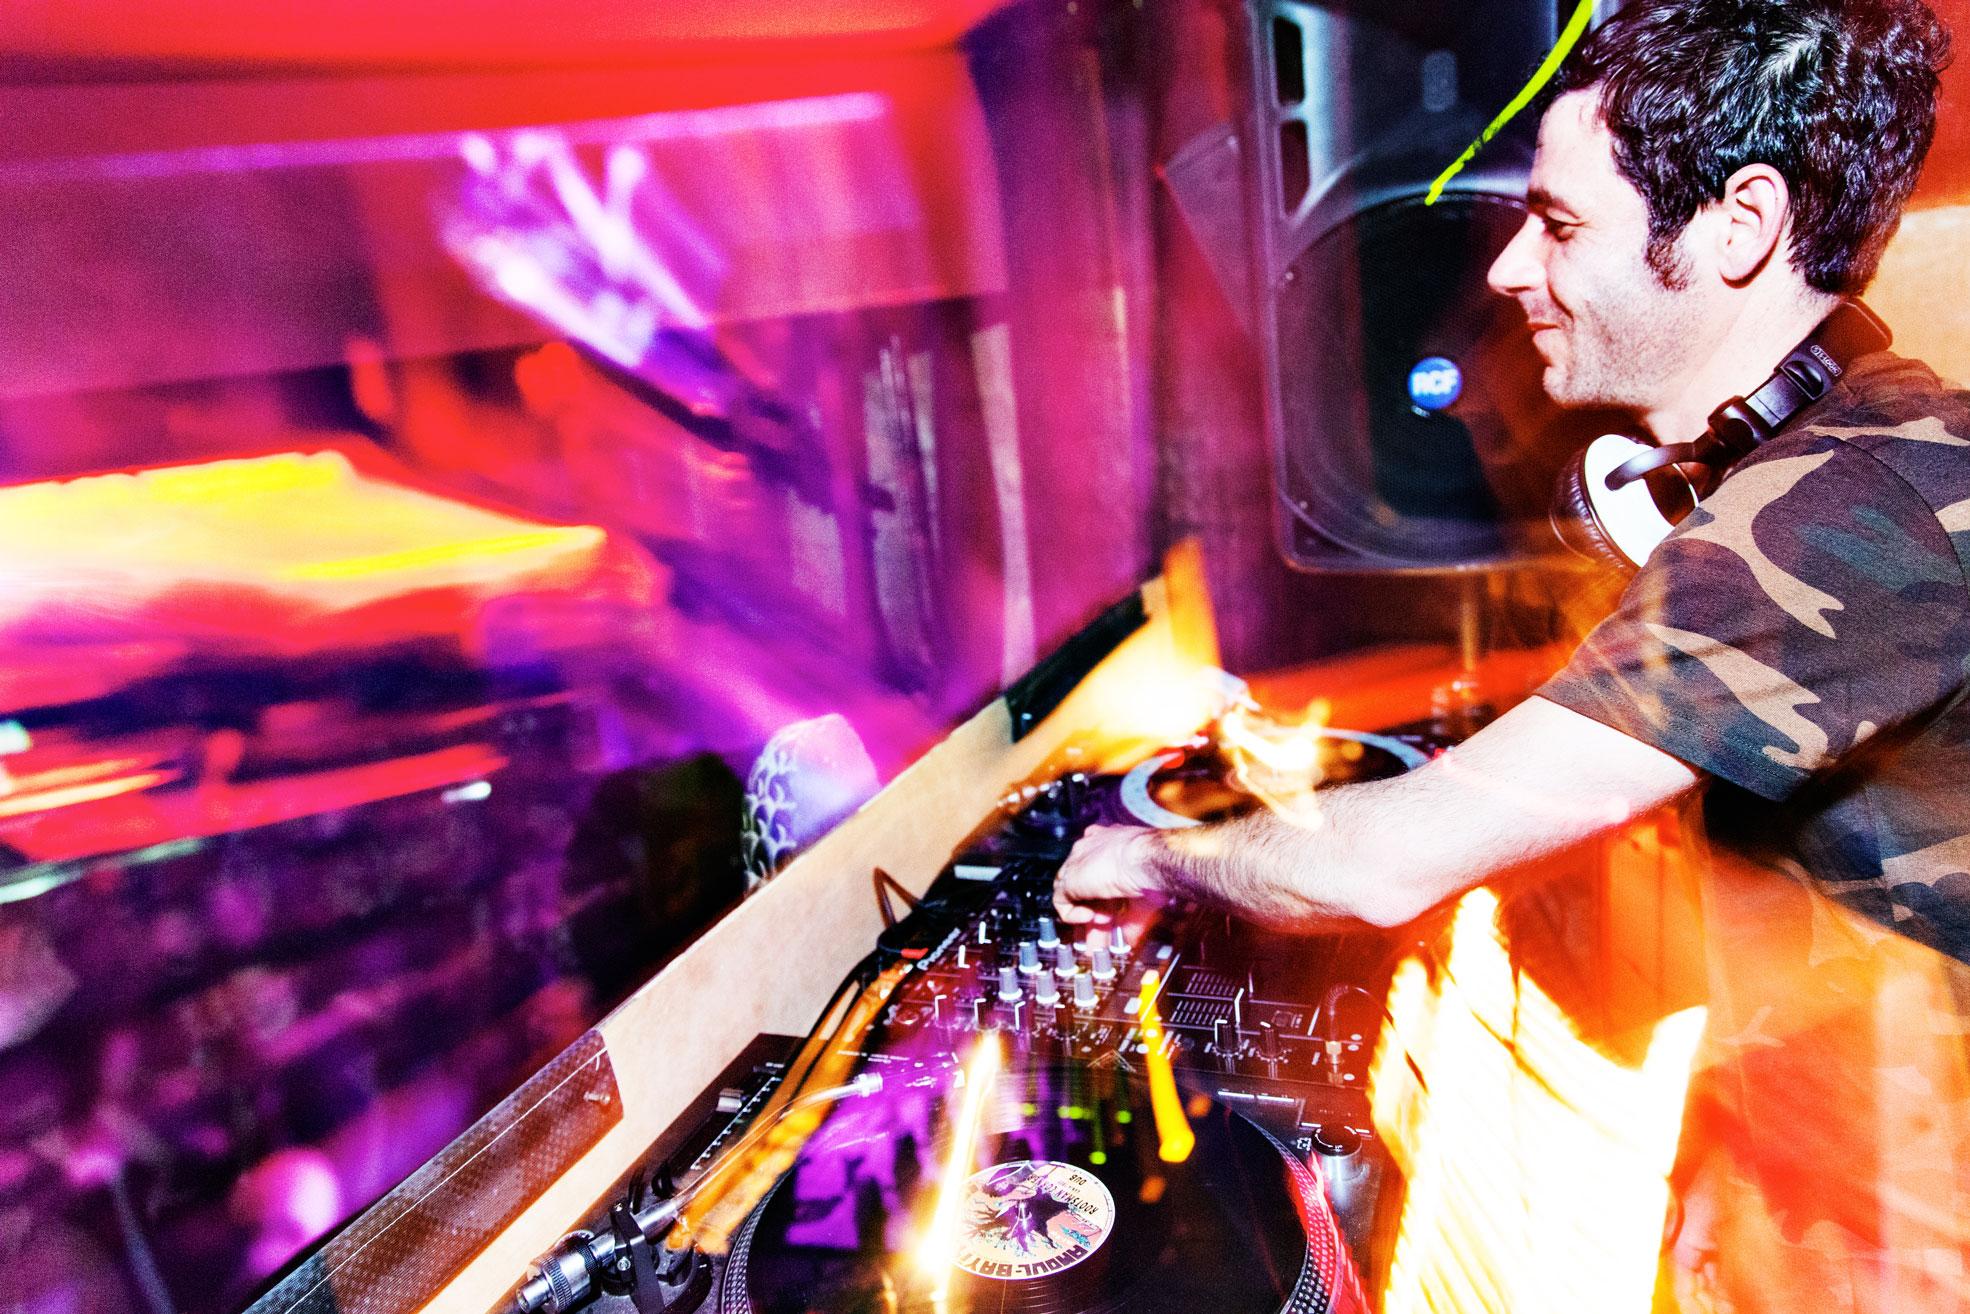 Bass-Culture-Ball-a-Dub-06